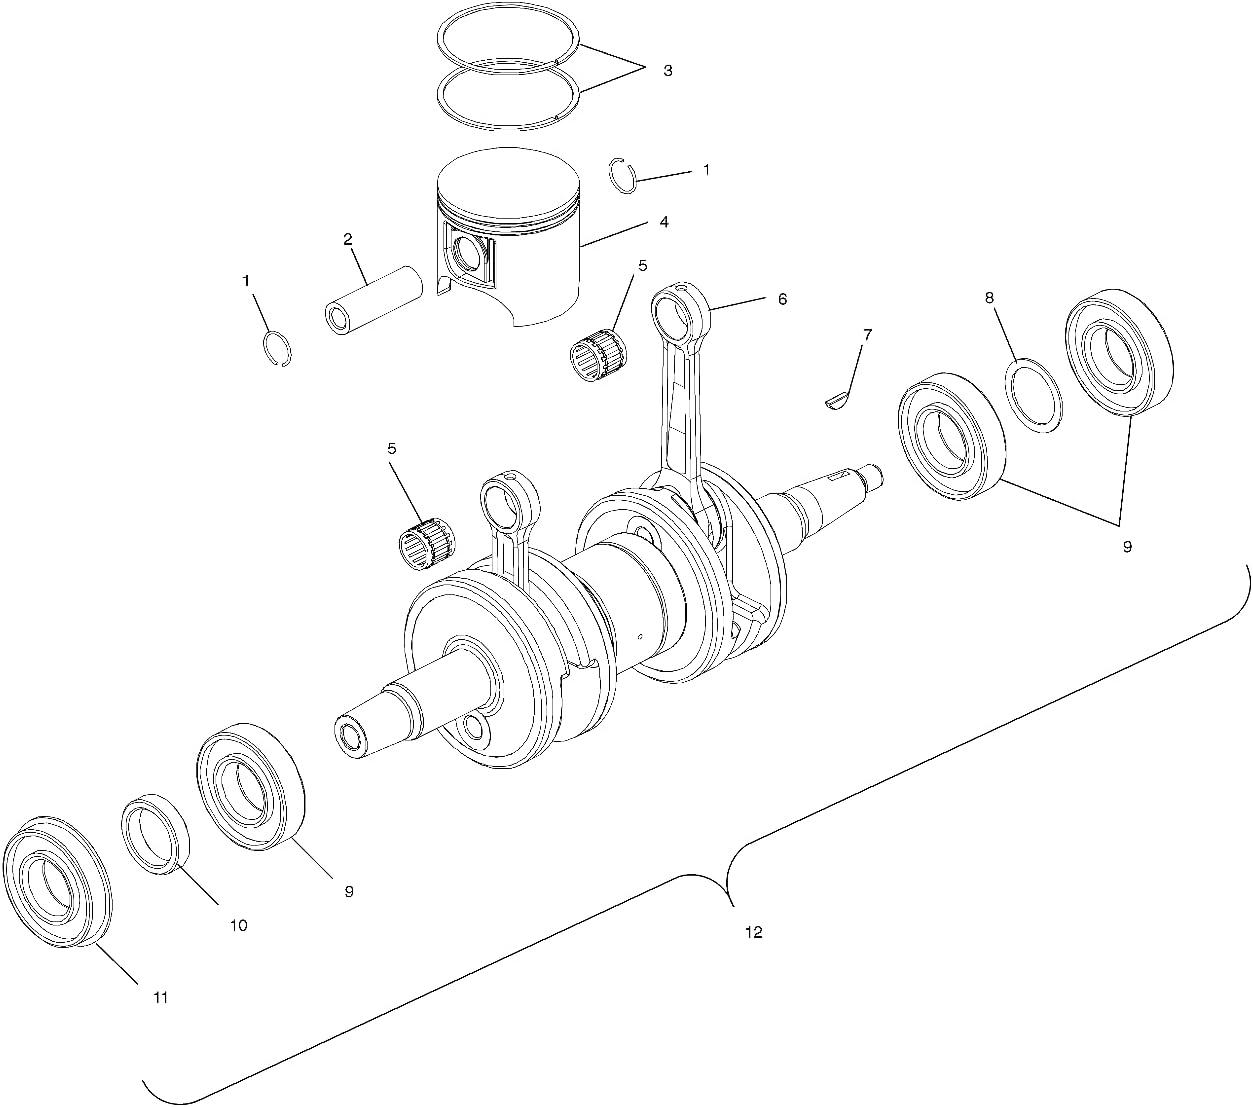 Polaris Piston Virginia Sales results No. 1 Beach Mall Rings Kit 74.5 CKS Part SNO Genuine OEM 220094